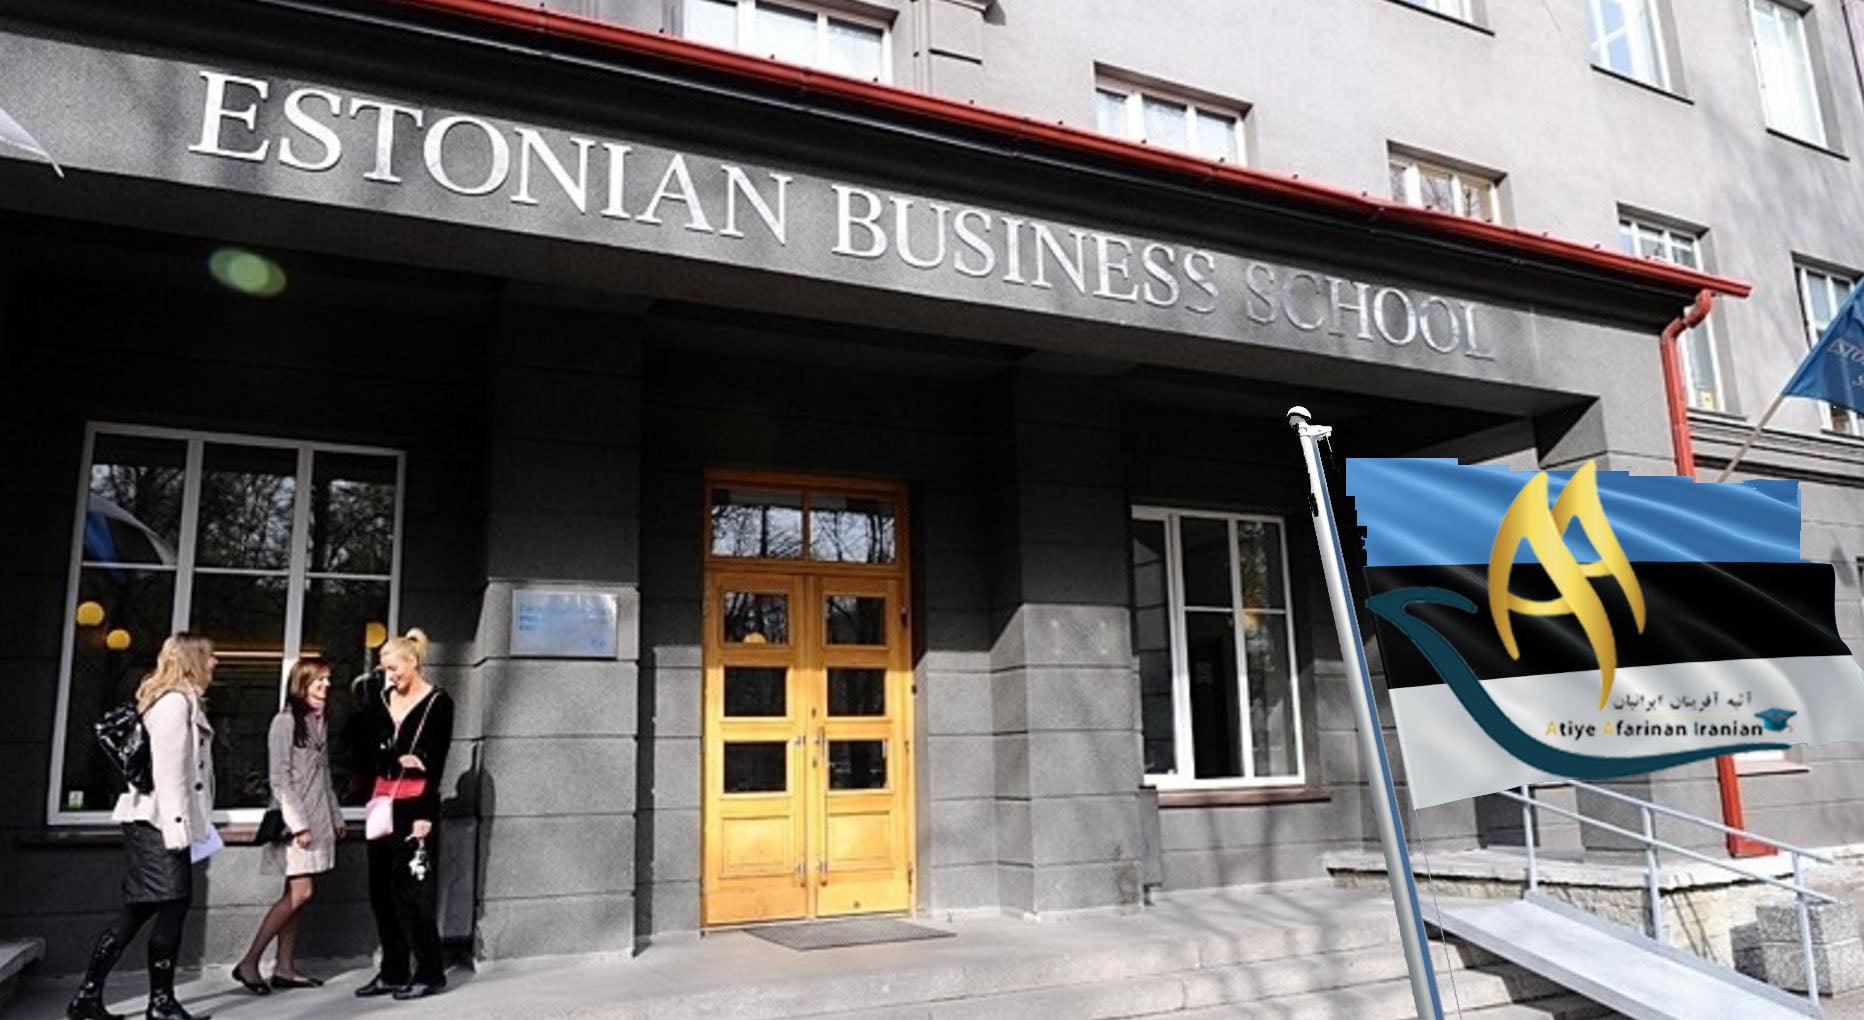 مدرسه بازرگانی استونی